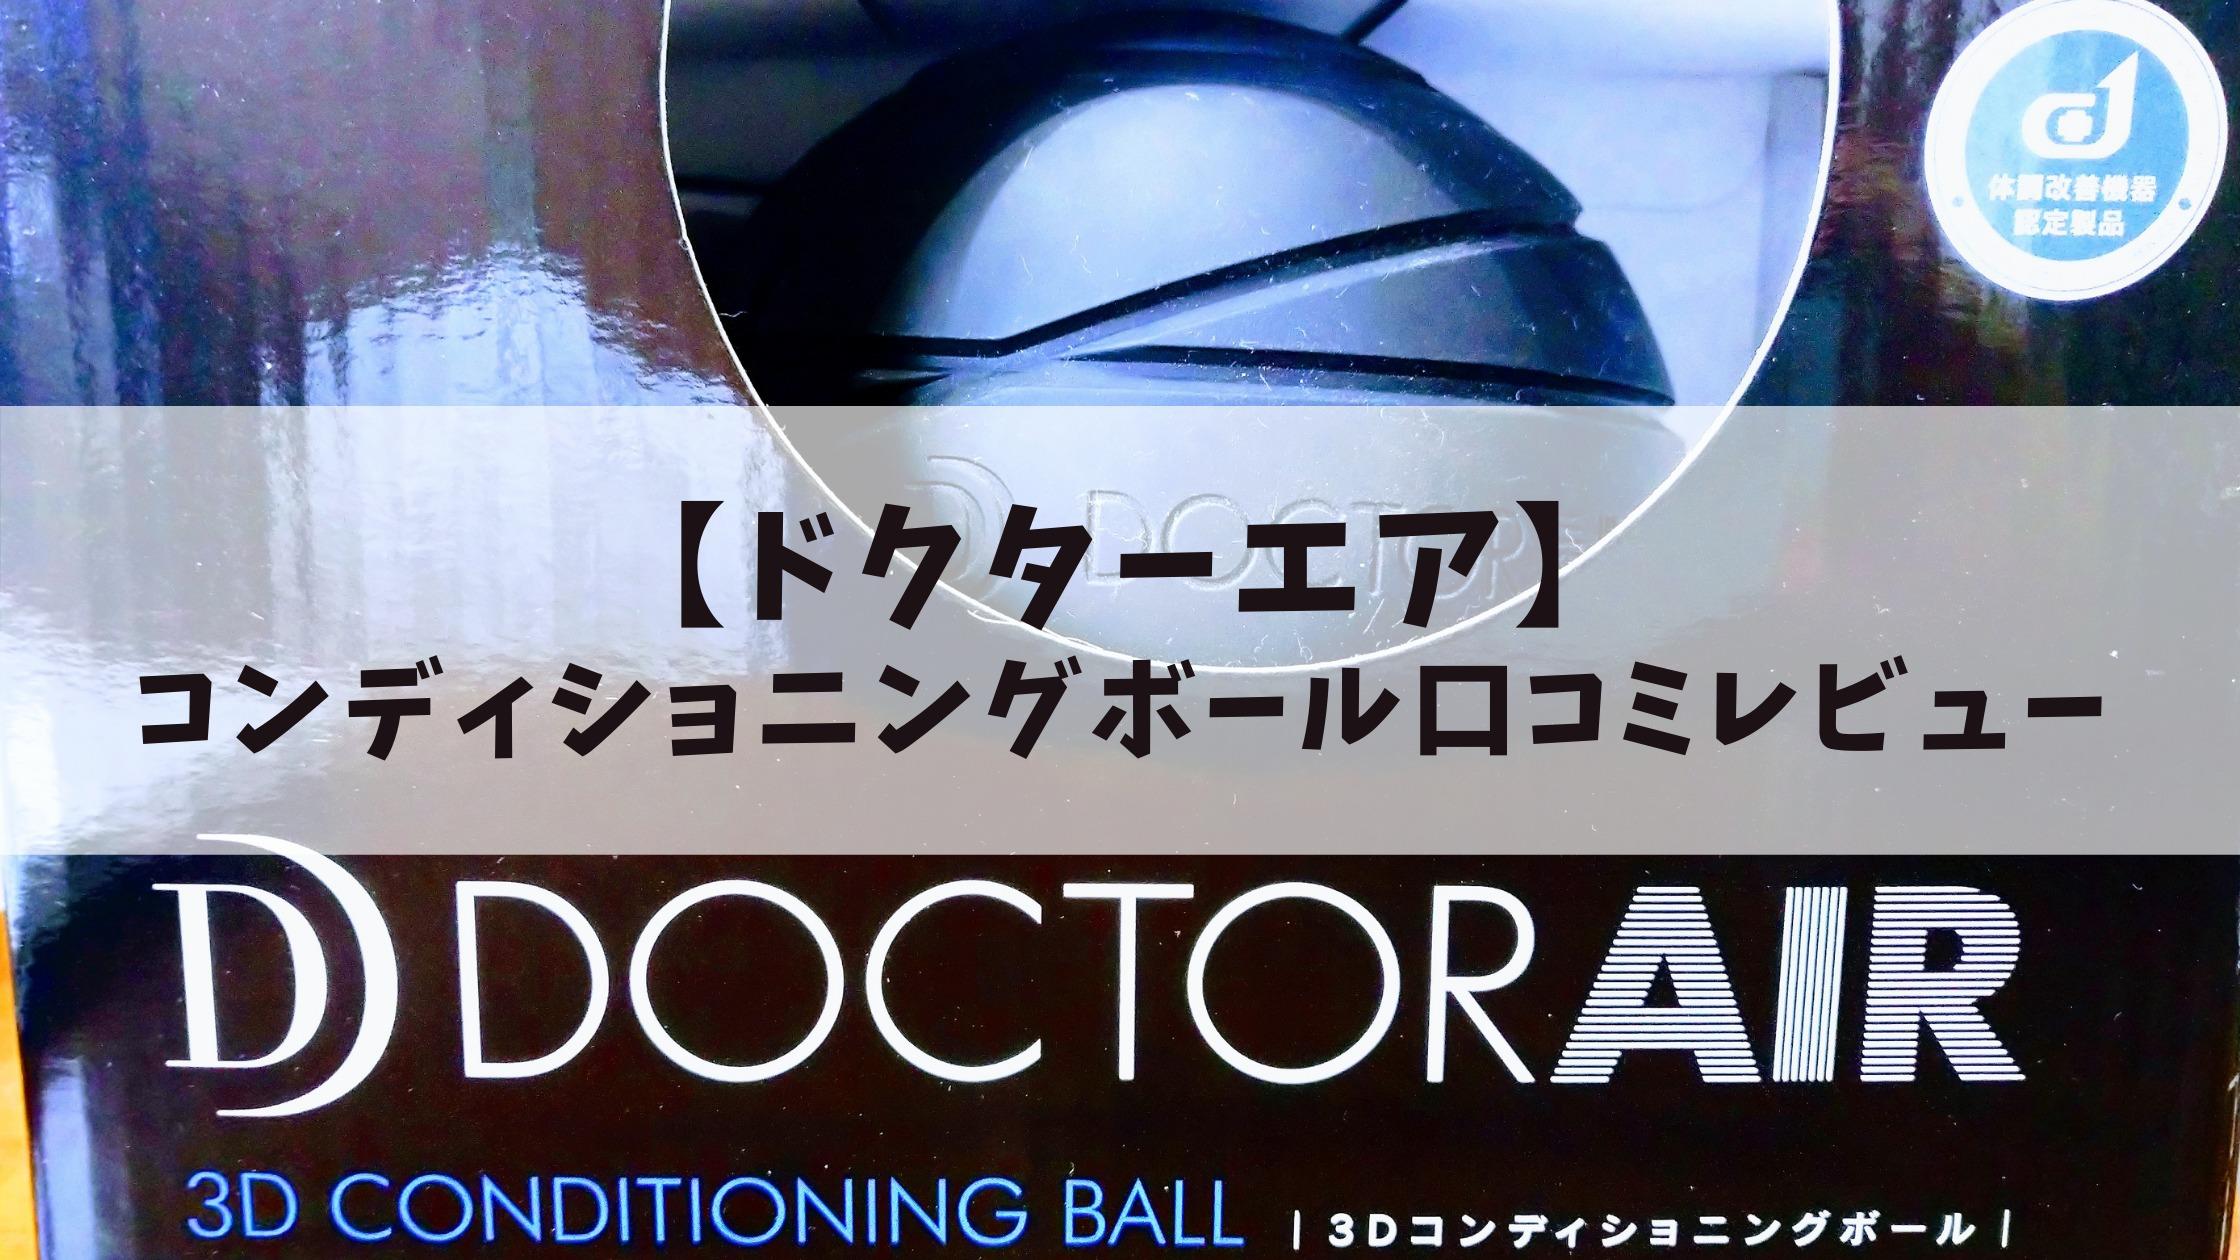 【口コミ】ドクターエアのコンディショニングボールを使ってみた!